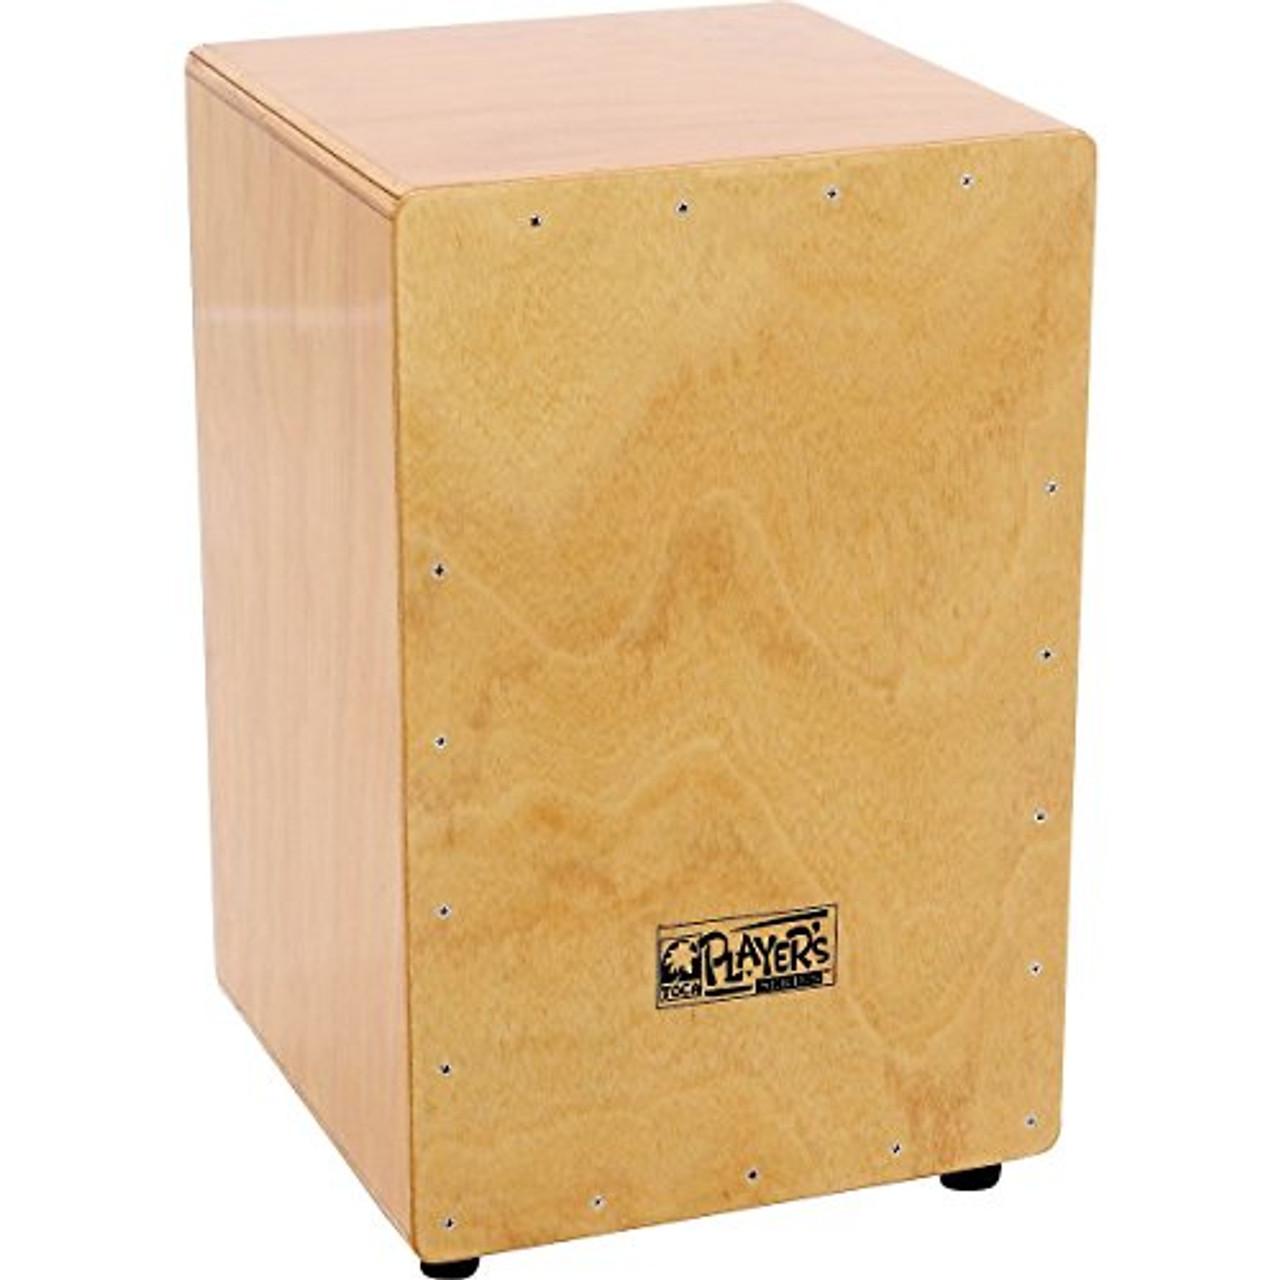 Toca a TCAJ-PN Player's Series Wood Cajon